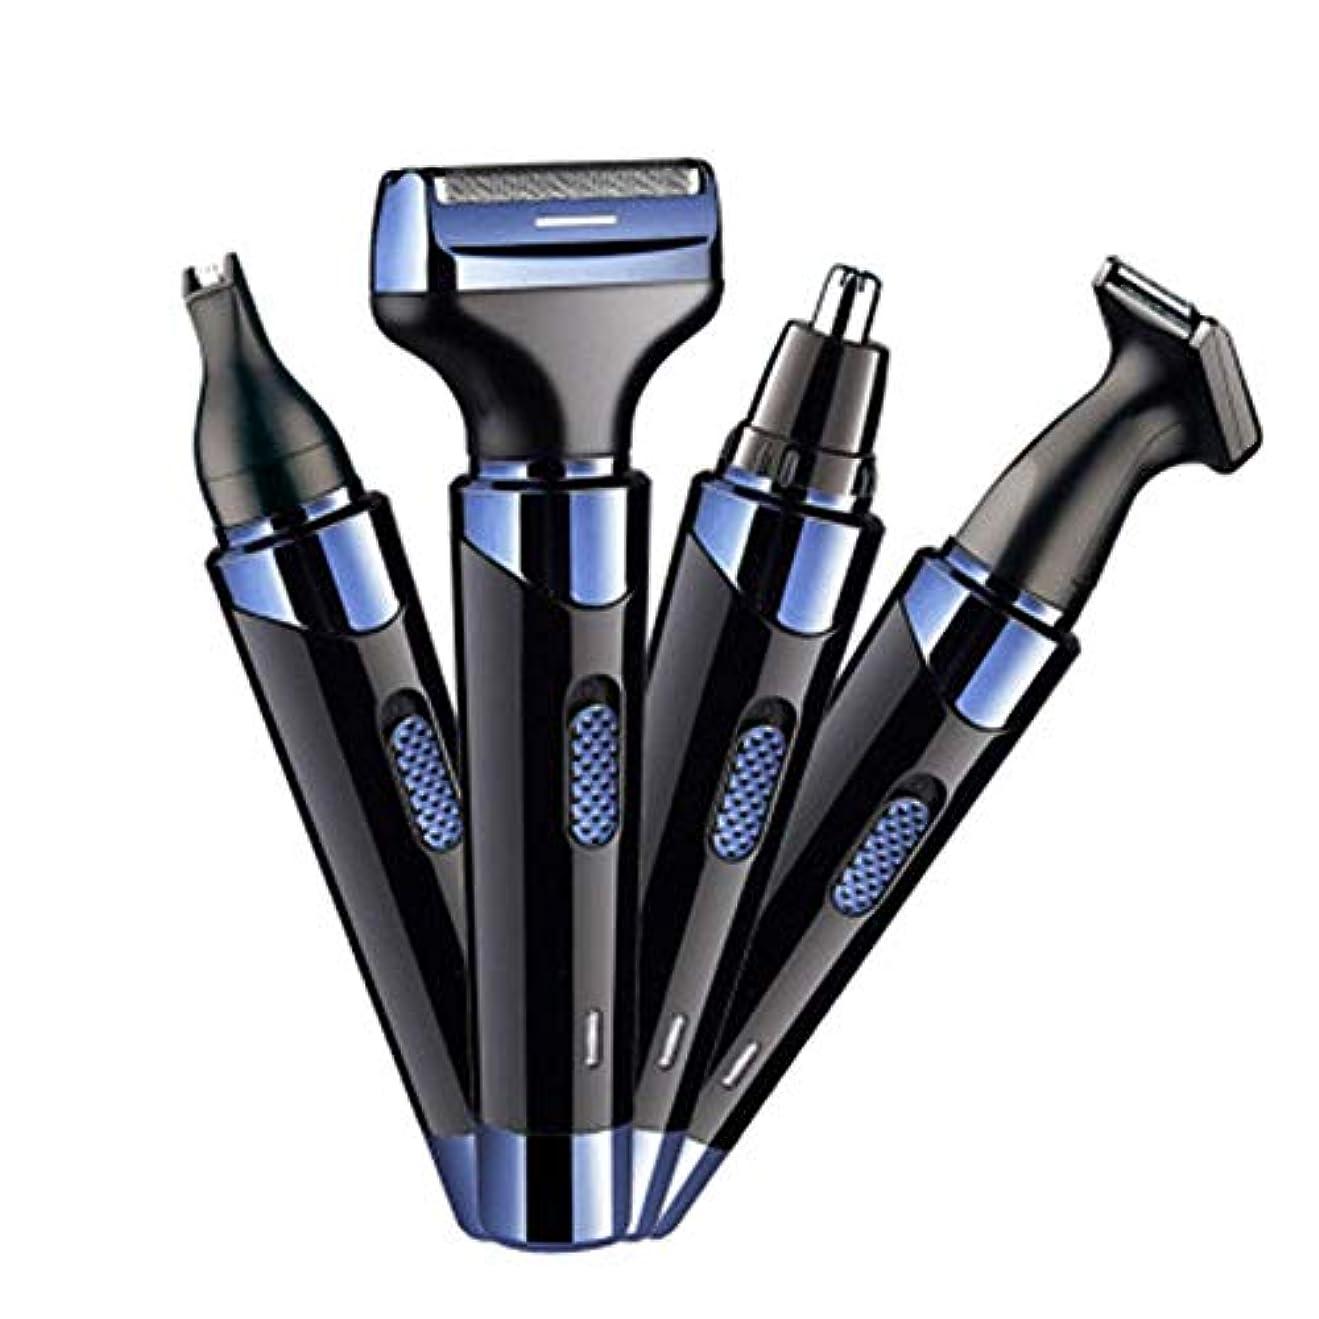 鼻毛トリマー4インチ1軽量防水電気メンズ多機能鼻毛トリマー